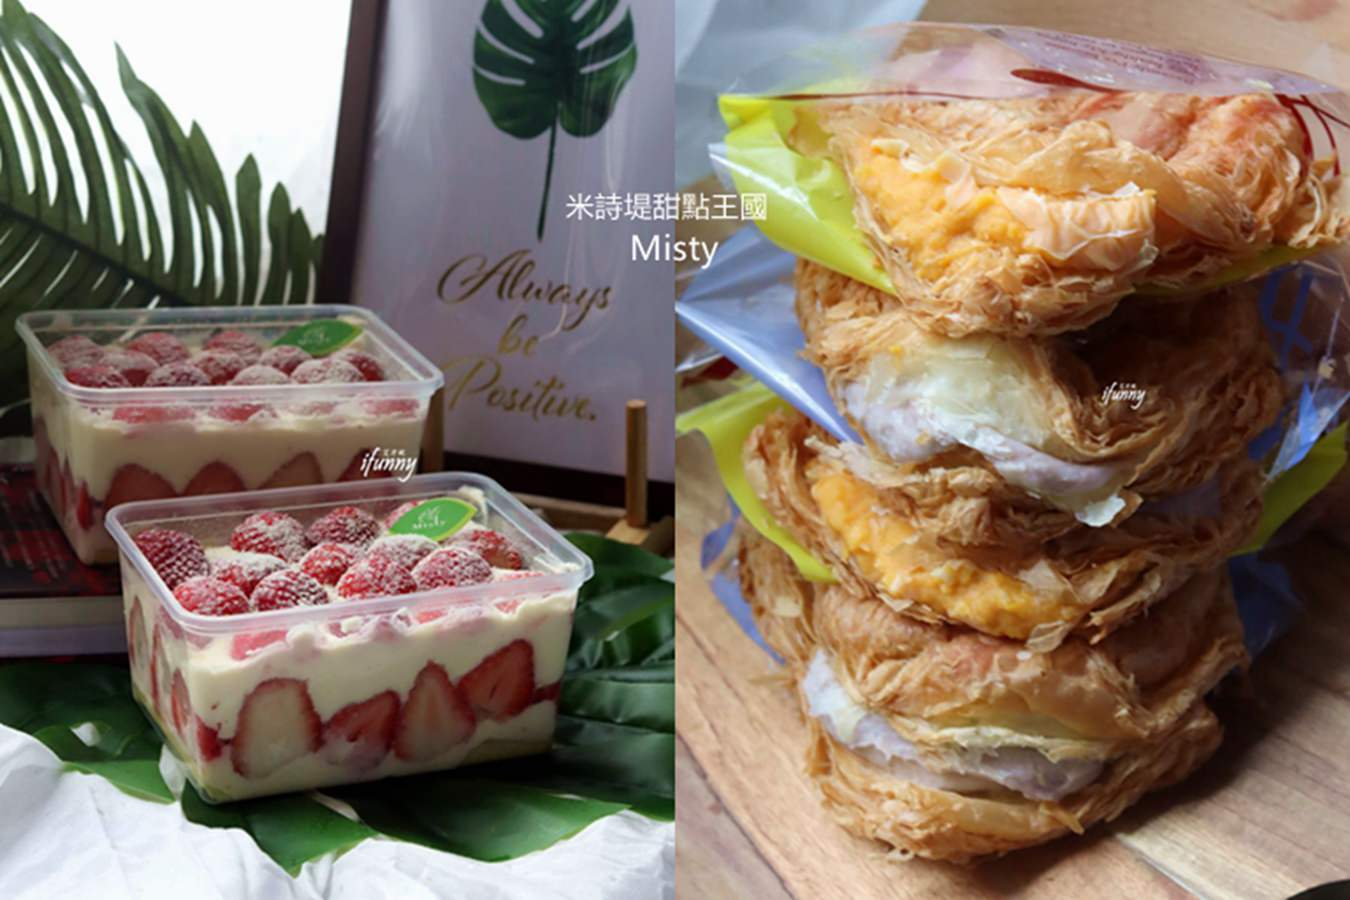 [宅配人氣甜點]甜點控必嚐!米詩堤甜點王國 四季草莓蛋糕/黃金泡芙 / 芋頭泡芙 團購美食